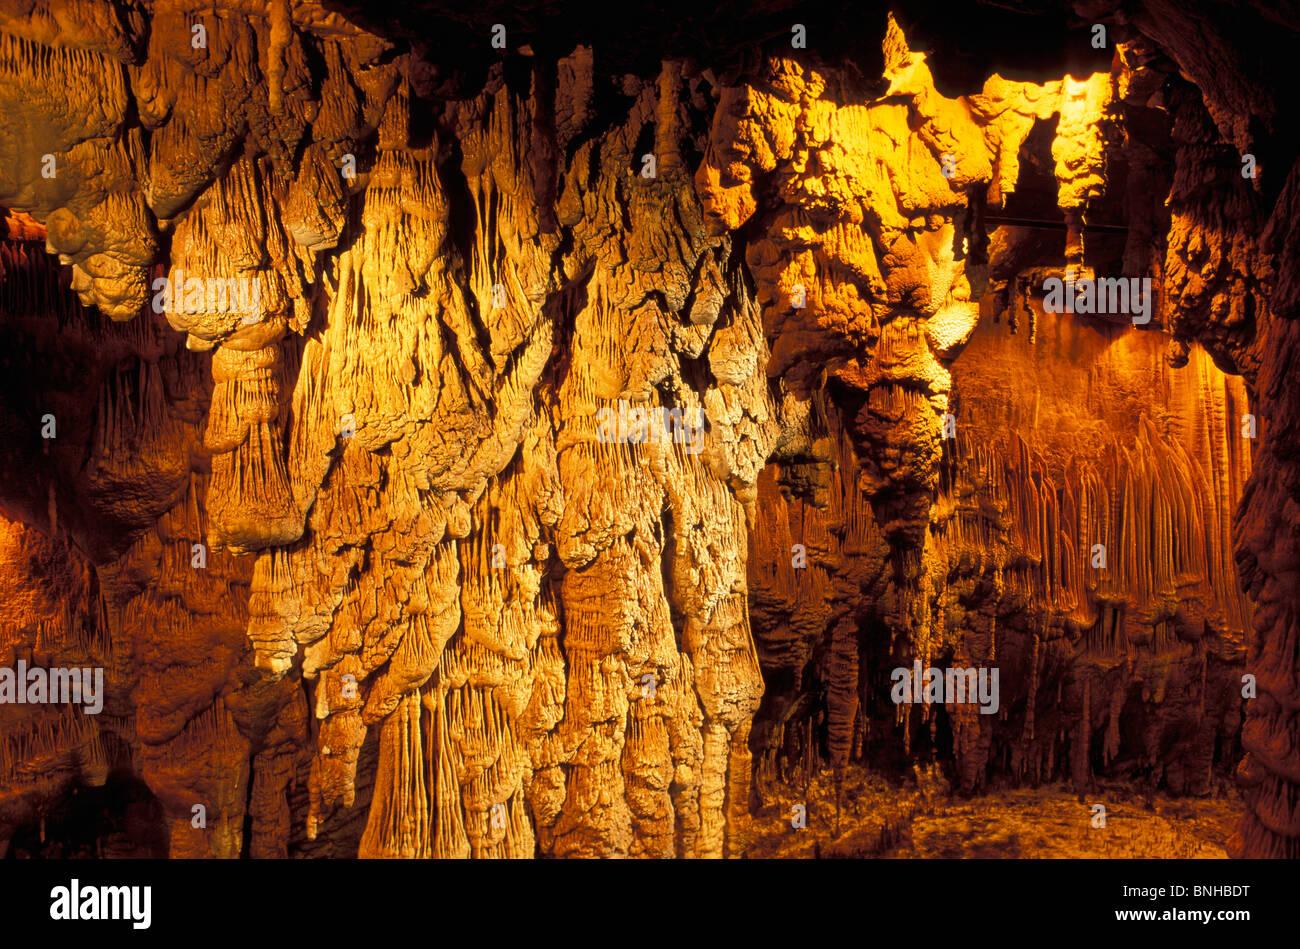 Usa Little Rock Arkansas Blanchard Springs Caverns Ozark Mountains Inside Indoors Nature Illuminated Illumination Stock Photo